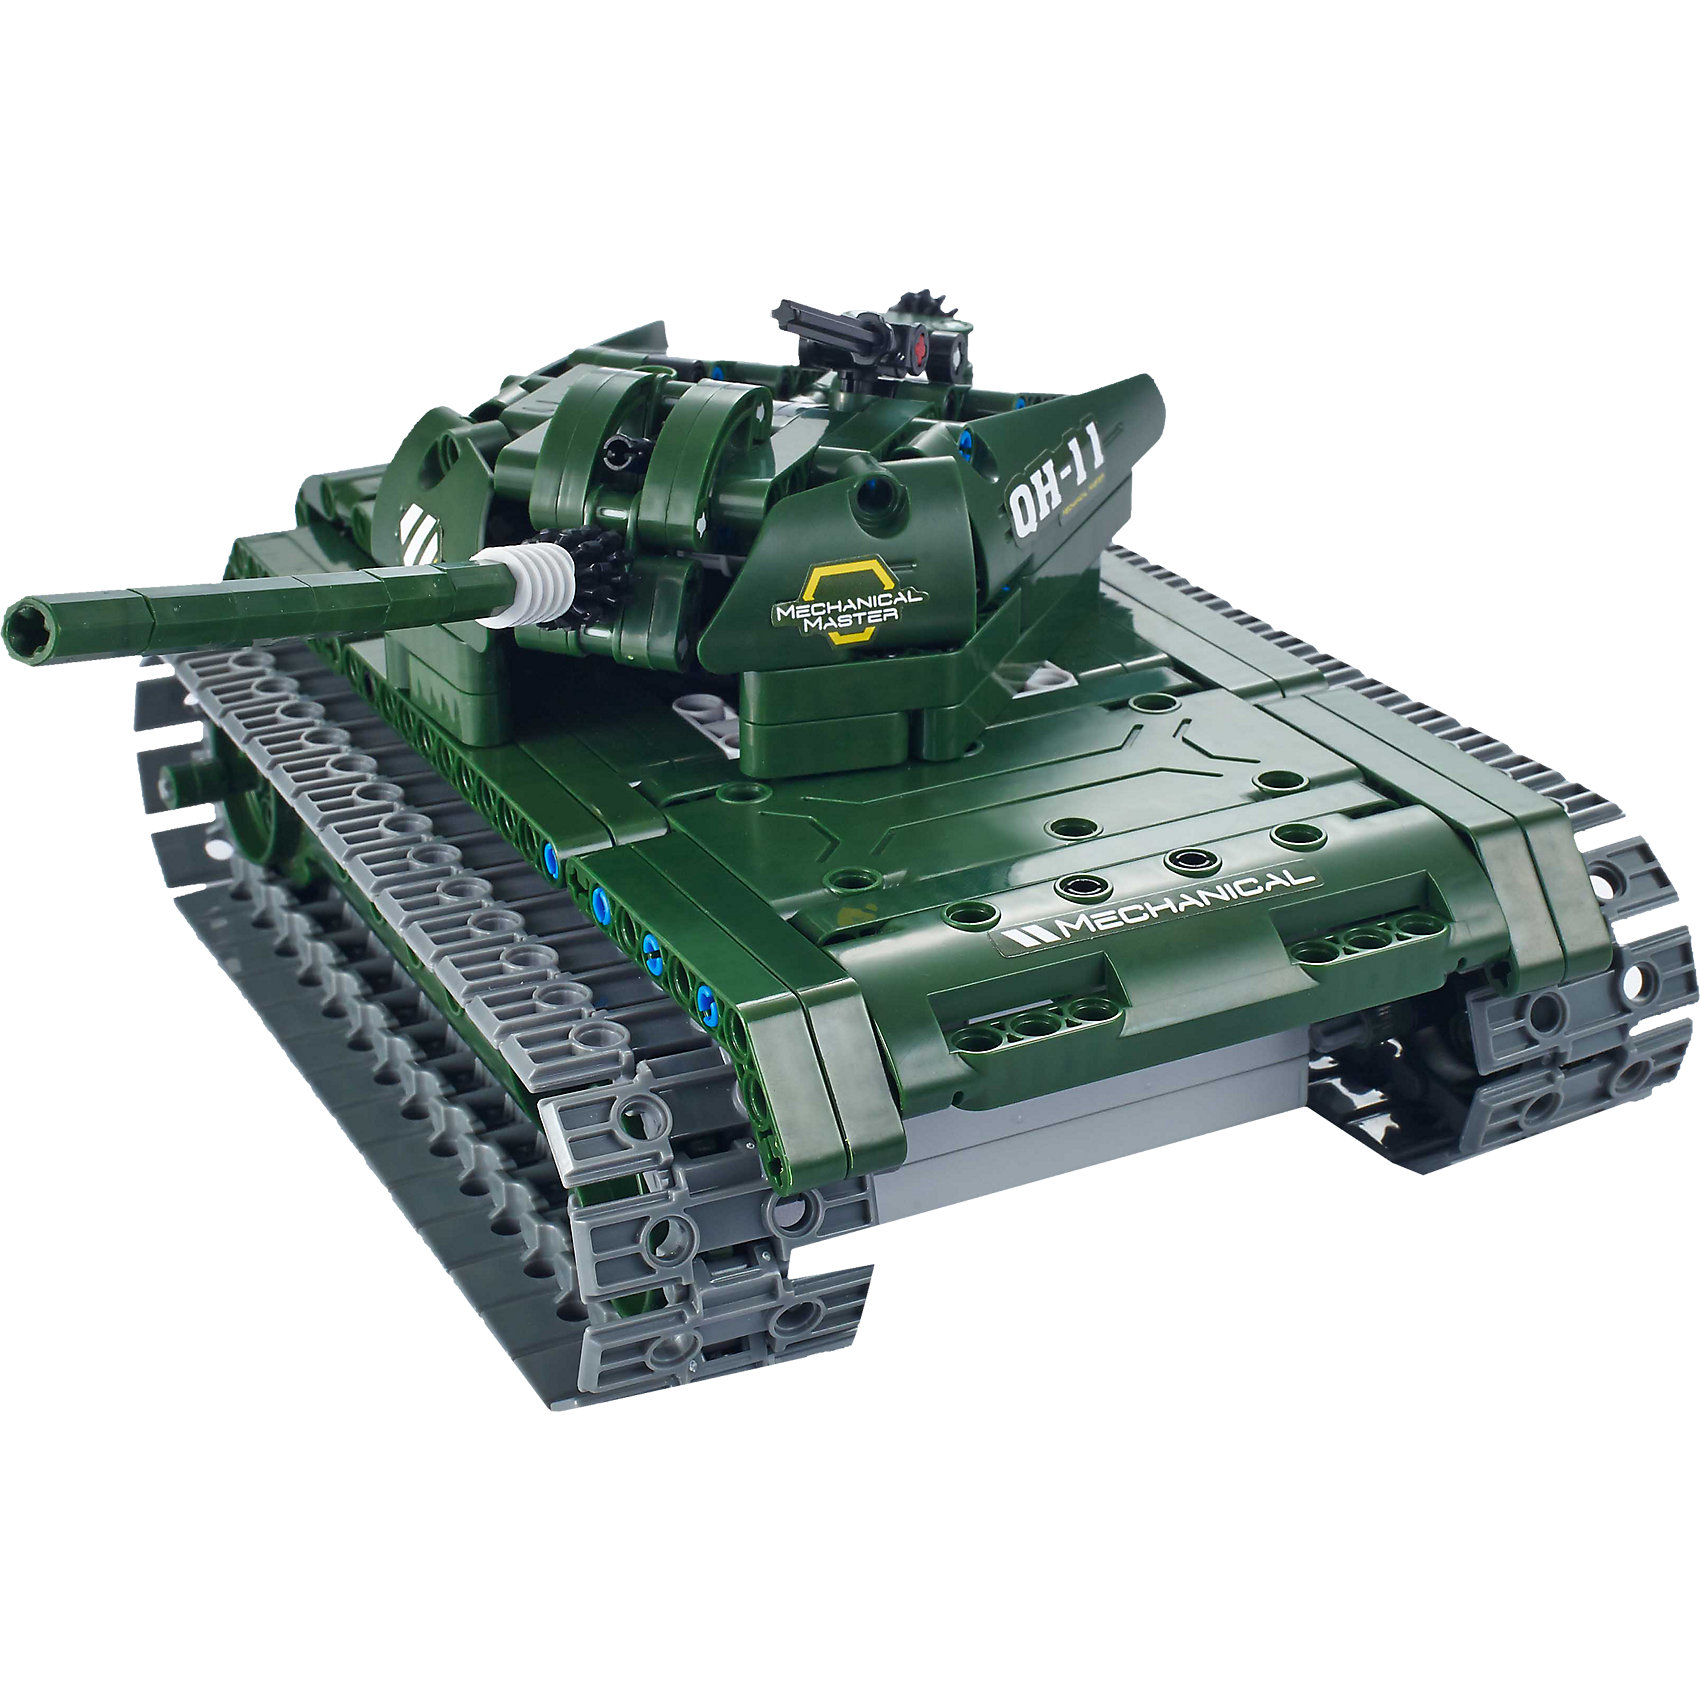 Конструктор электромеханический Tank, 453 детали, QiHuiКонструктор электромеханический Tank, 453 детали, QiHui<br><br>Характеристики:<br><br>• Возраст: от 7 лет<br>• Количество деталей: 453<br>• В комплекте: инструкция, детали для сборки, пульт управления и антенна, аккумулятор, зарядное устройство<br>• Дальность действия: 20 метров<br>• Максимальная скорость: 11 км/ч<br><br>Этот конструктор рекомендуется для игр детей от 7 лет. В процессе работы с ним ребенок может не только увлечься и провести долгое время за изучением набора, но и развивать свое пространственное мышление, мелкую моторику и, конечно, воображение. Этот набор позволяет ребенку собрать себе настоящий радиоуправляемый танк! <br><br>В комплект входит конструктор для сборки танка, пульт радиоуправления и аккумулятор. Дальность действия пульта составляет 20 метров. Готовый танк может ездить вперед-назад и поворачивать влево-вправо. Его максимальная скорость – 11 км/ч. <br><br>Конструктор электромеханический Tank, 453 детали, QiHui можно купить в нашем интернет-магазине.<br><br>Ширина мм: 370<br>Глубина мм: 520<br>Высота мм: 65<br>Вес г: 1080<br>Возраст от месяцев: 72<br>Возраст до месяцев: 2147483647<br>Пол: Мужской<br>Возраст: Детский<br>SKU: 5430821